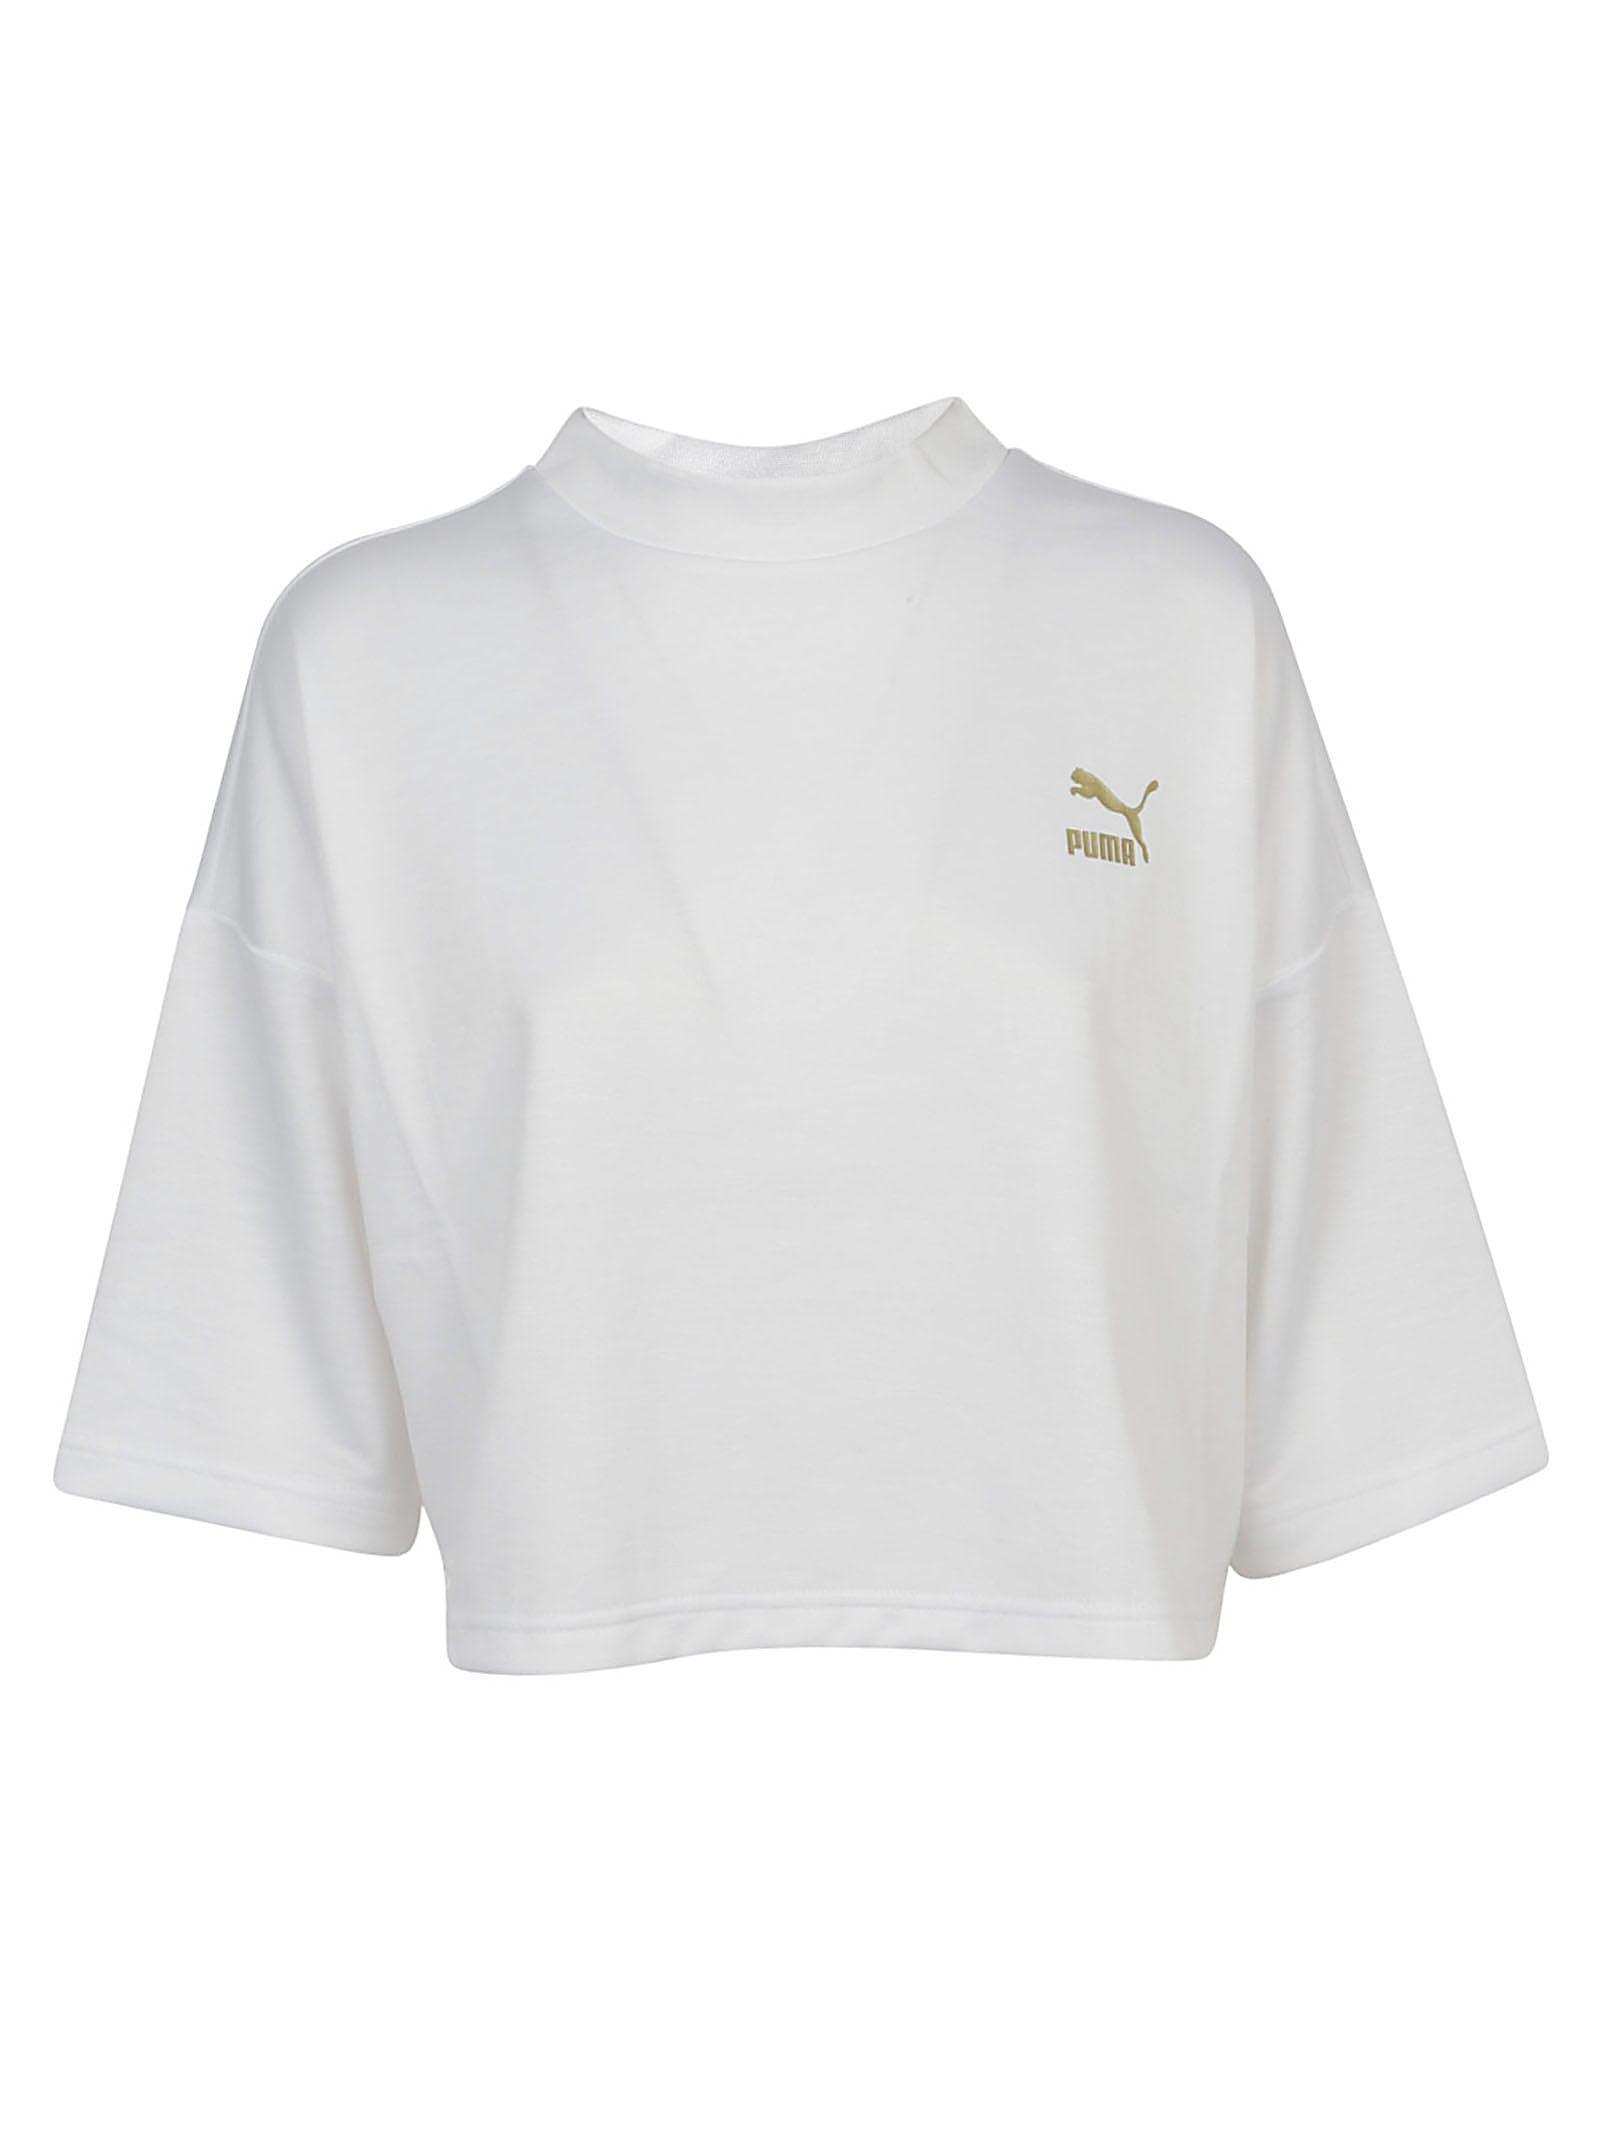 Puma Retro Top In White